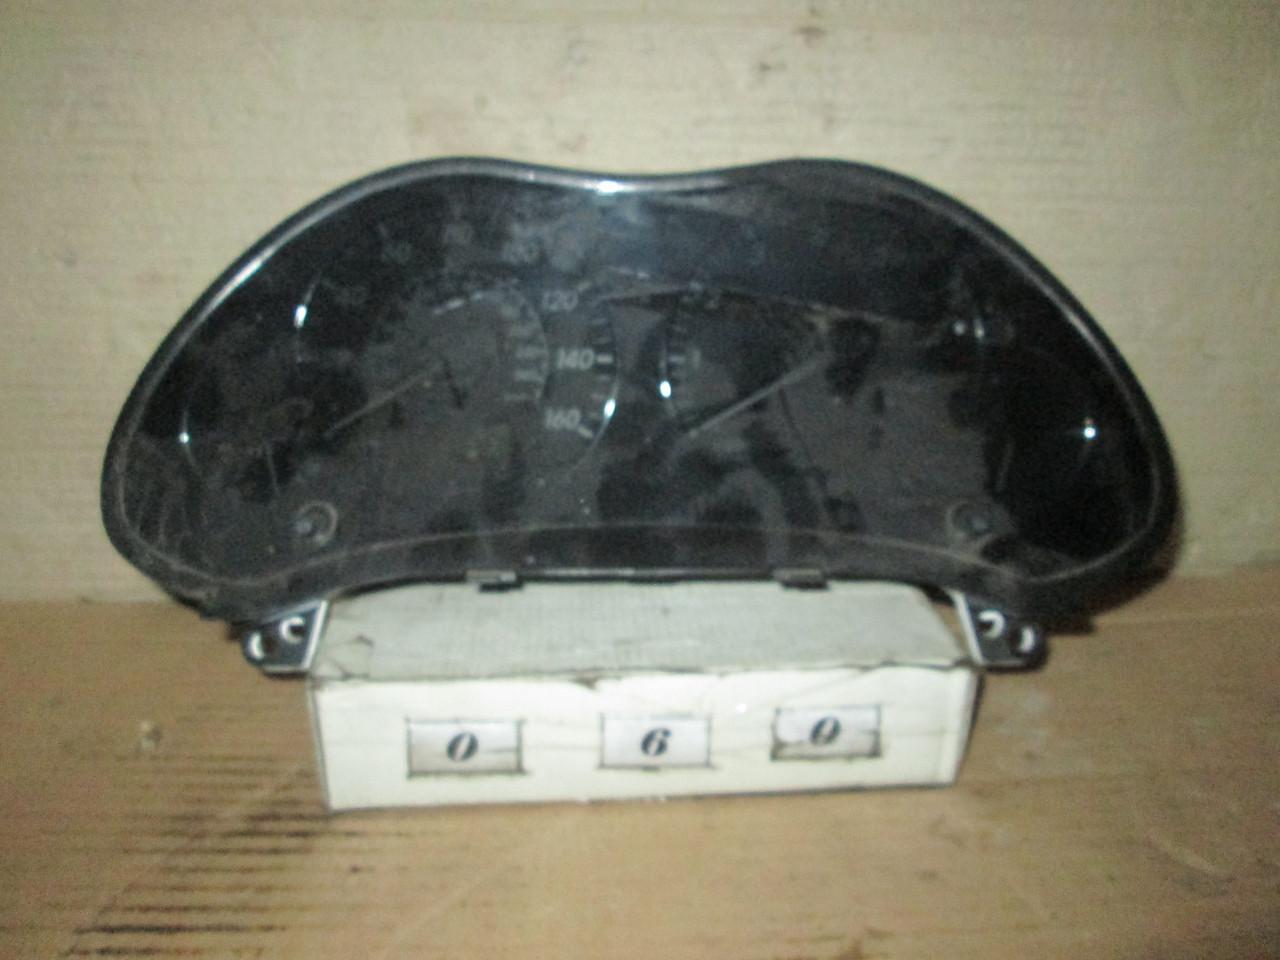 №60 Б/у Панель приладів/спідометр MB257410-9787 для Toyota Avensis T25 2003-2009